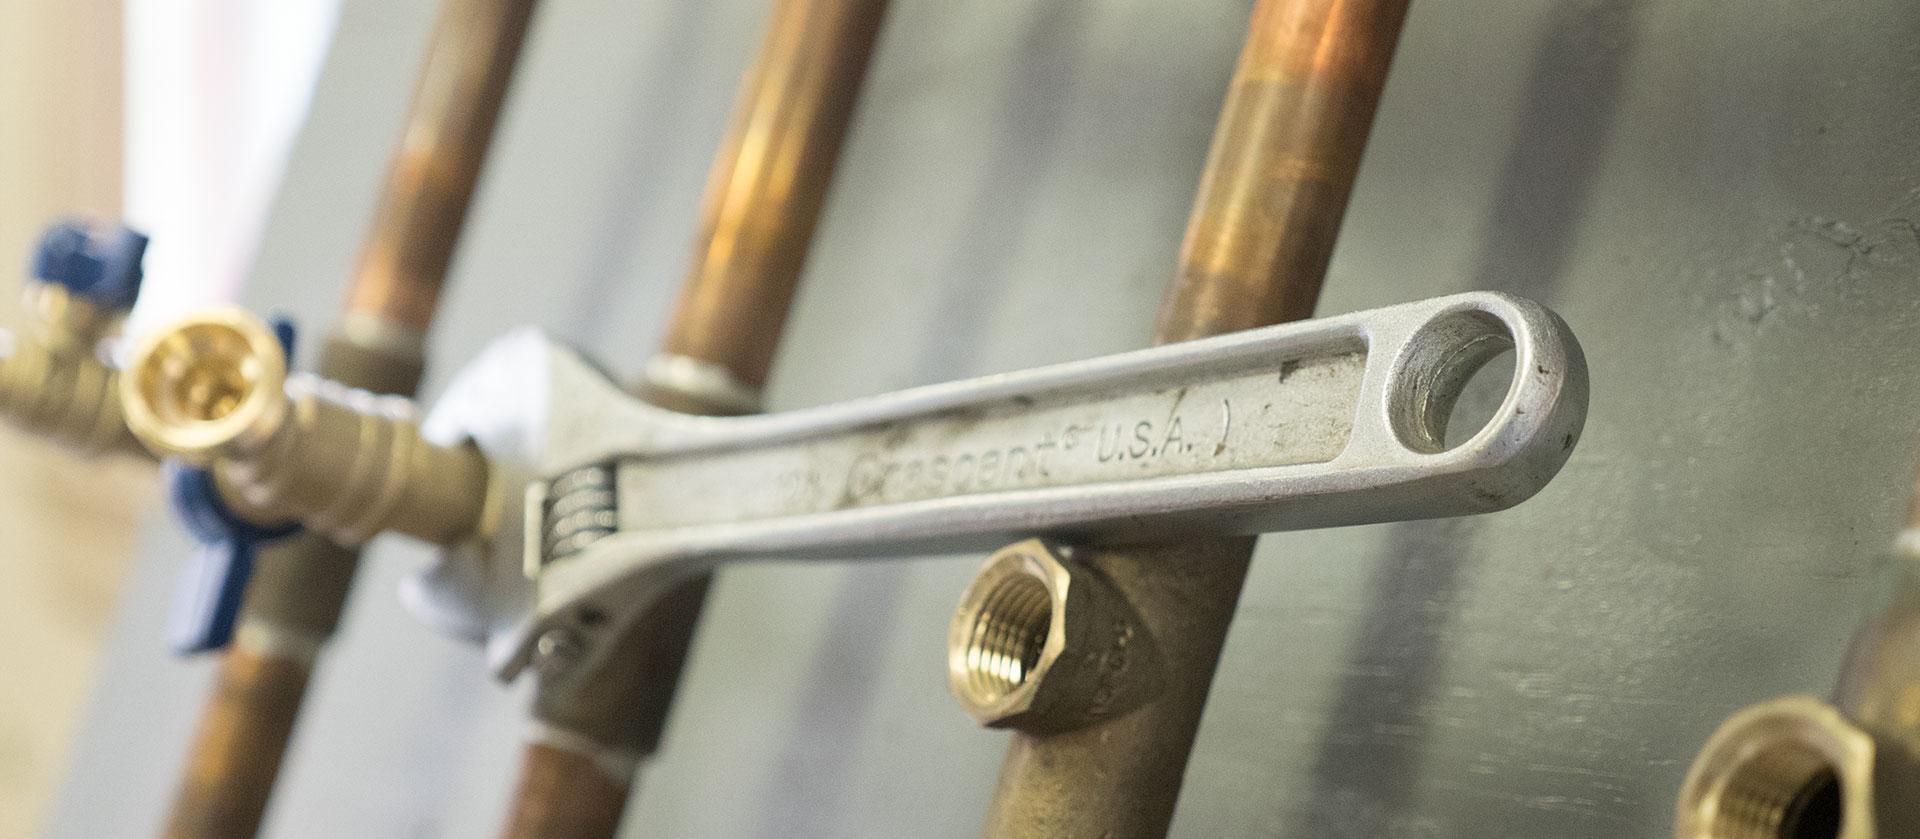 Heating Bangor Maine Equipment Repair Maintain Replace